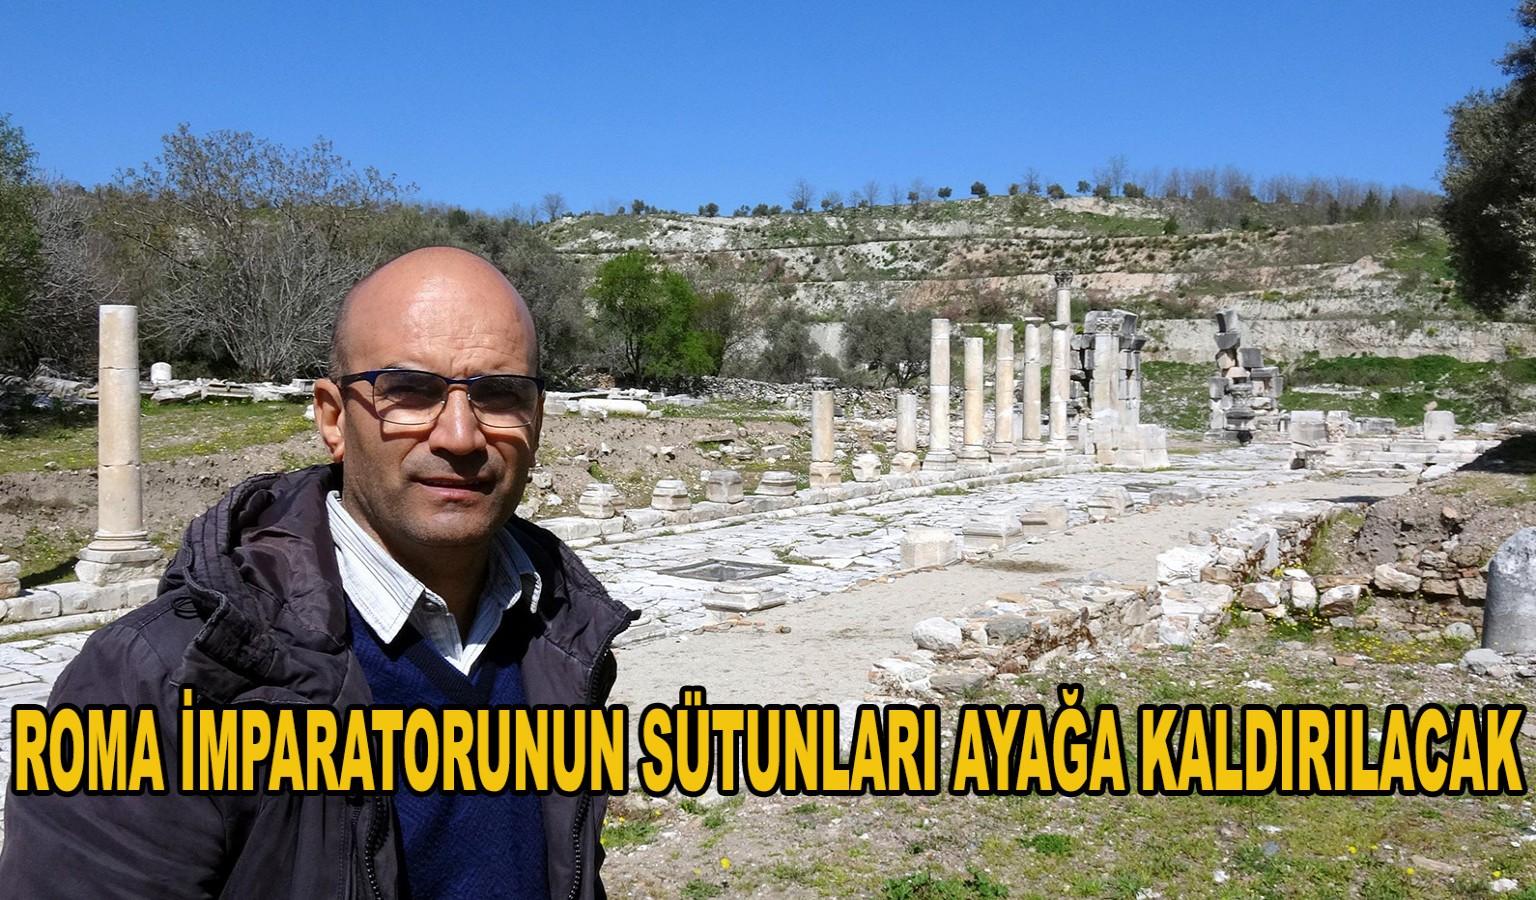 ROMA İMPARATORUNUN SÜTUNLARI AYAĞA KALDIRILACAK